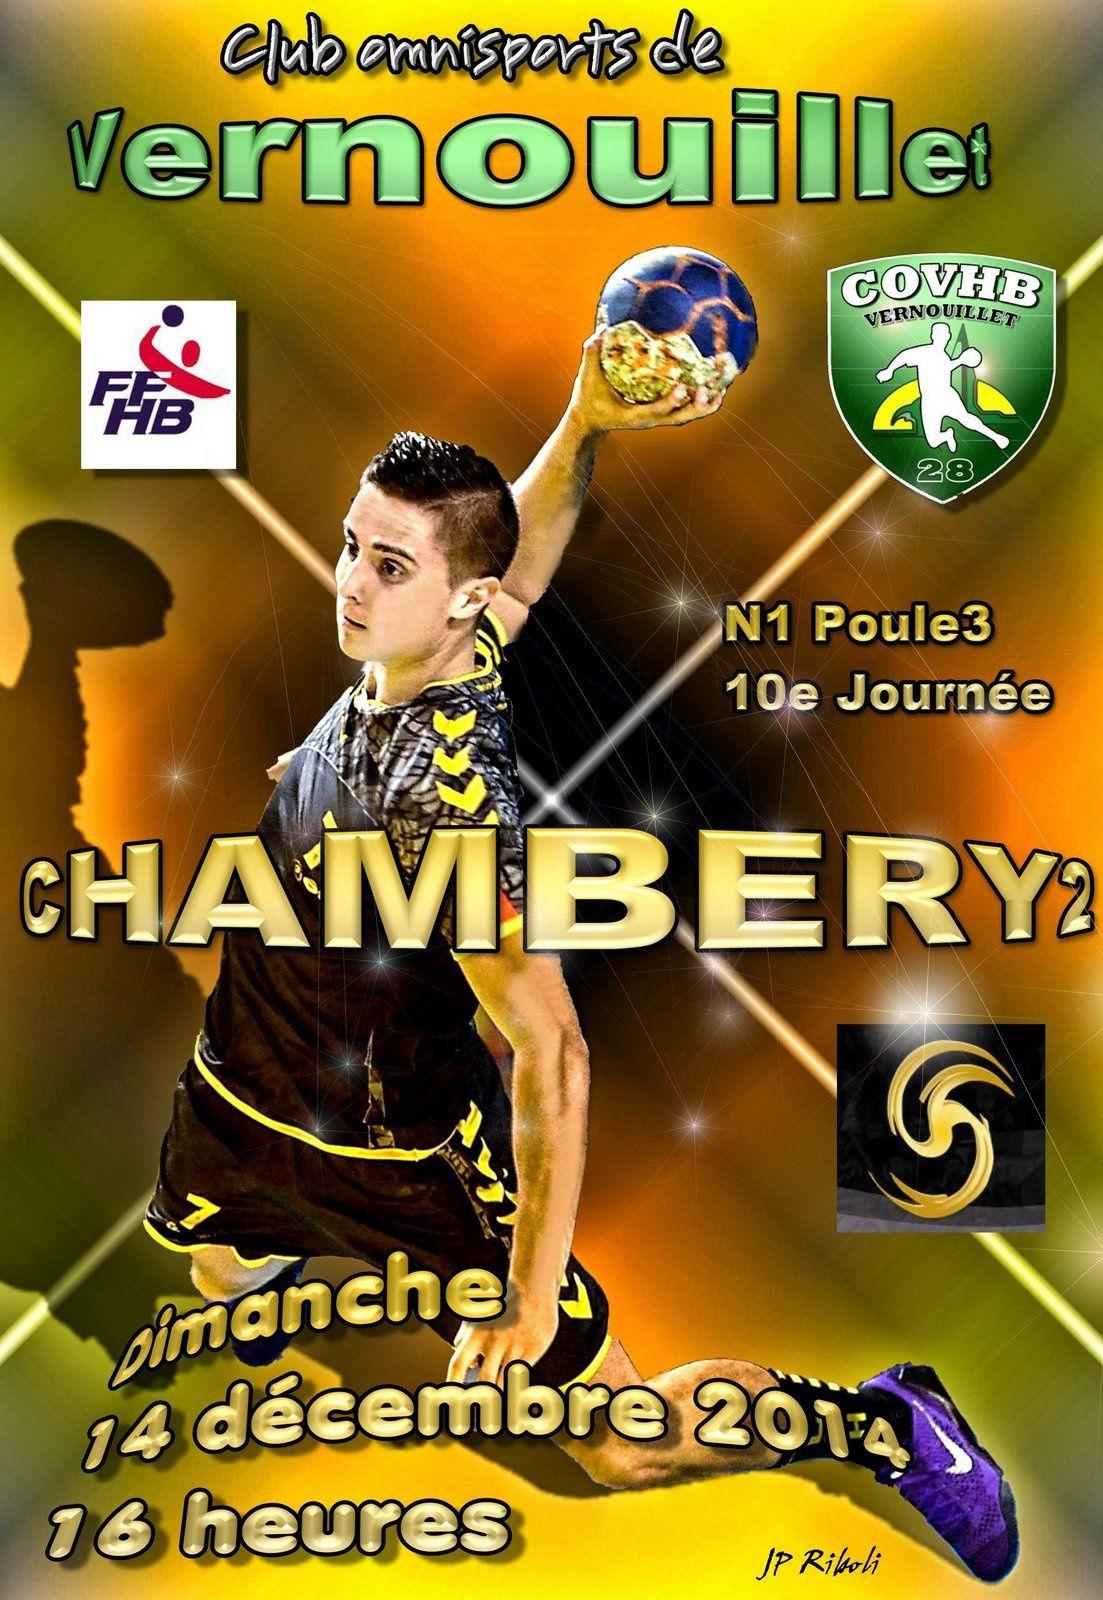 Pour CHAMBERY2 c'est direction les Yvelines dimanche 14 décembre